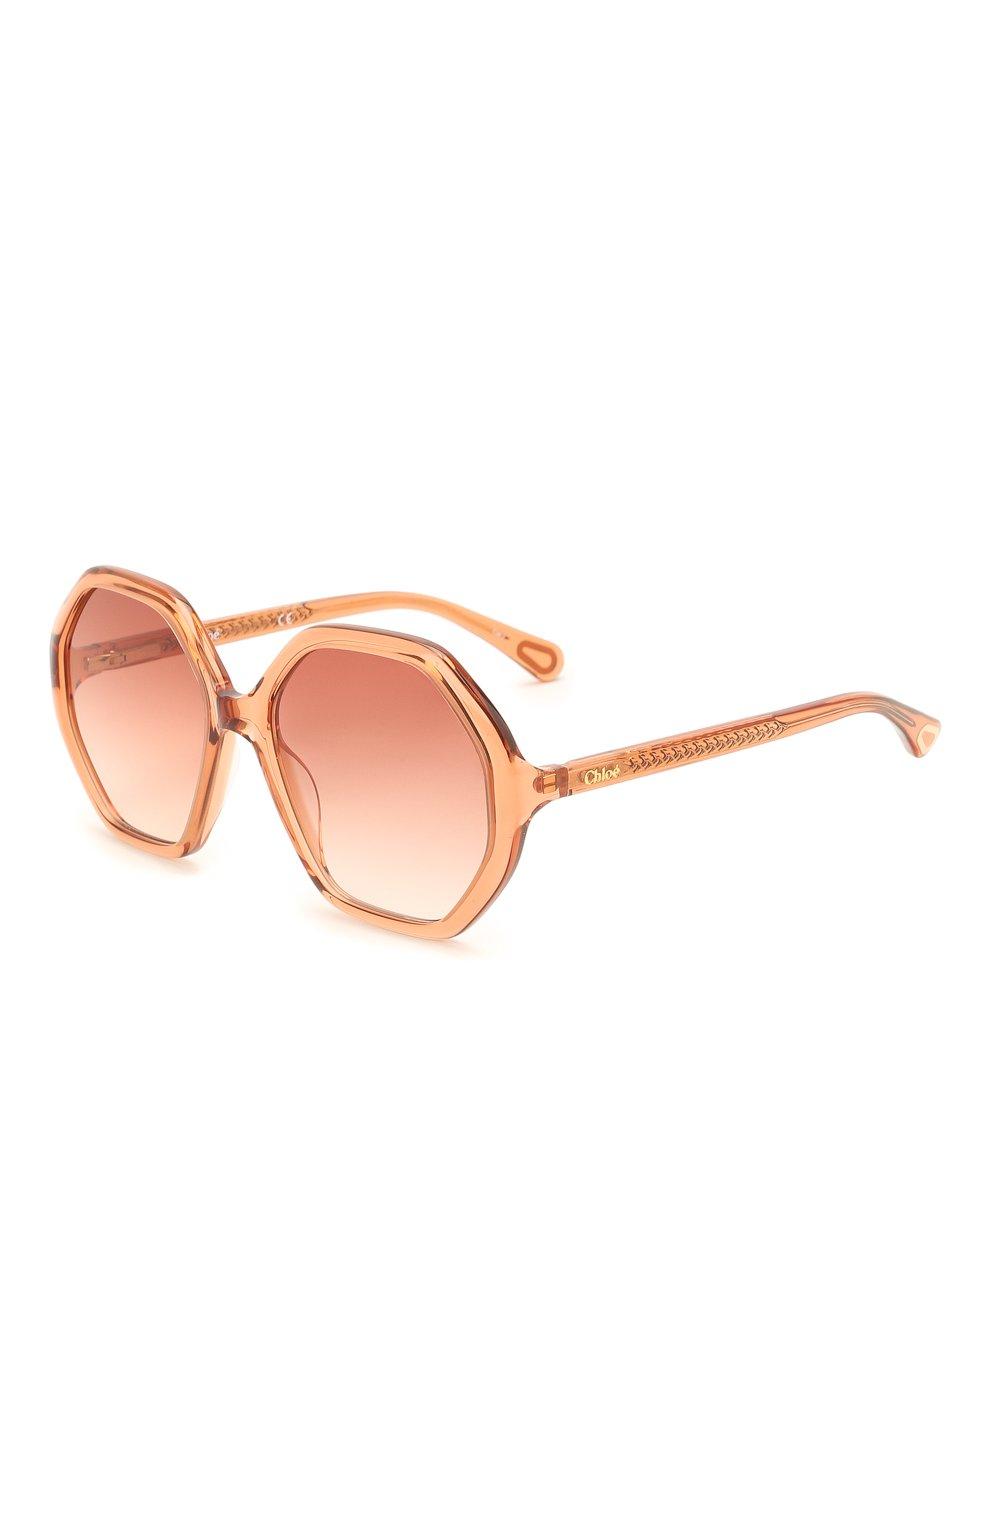 Детские солнцезащитные очки CHLOÉ оранжевого цвета, арт. CC0004S 002 | Фото 1 (Оптика Гендер: оптика-унисекс; Очки форма: Прямоугольные)